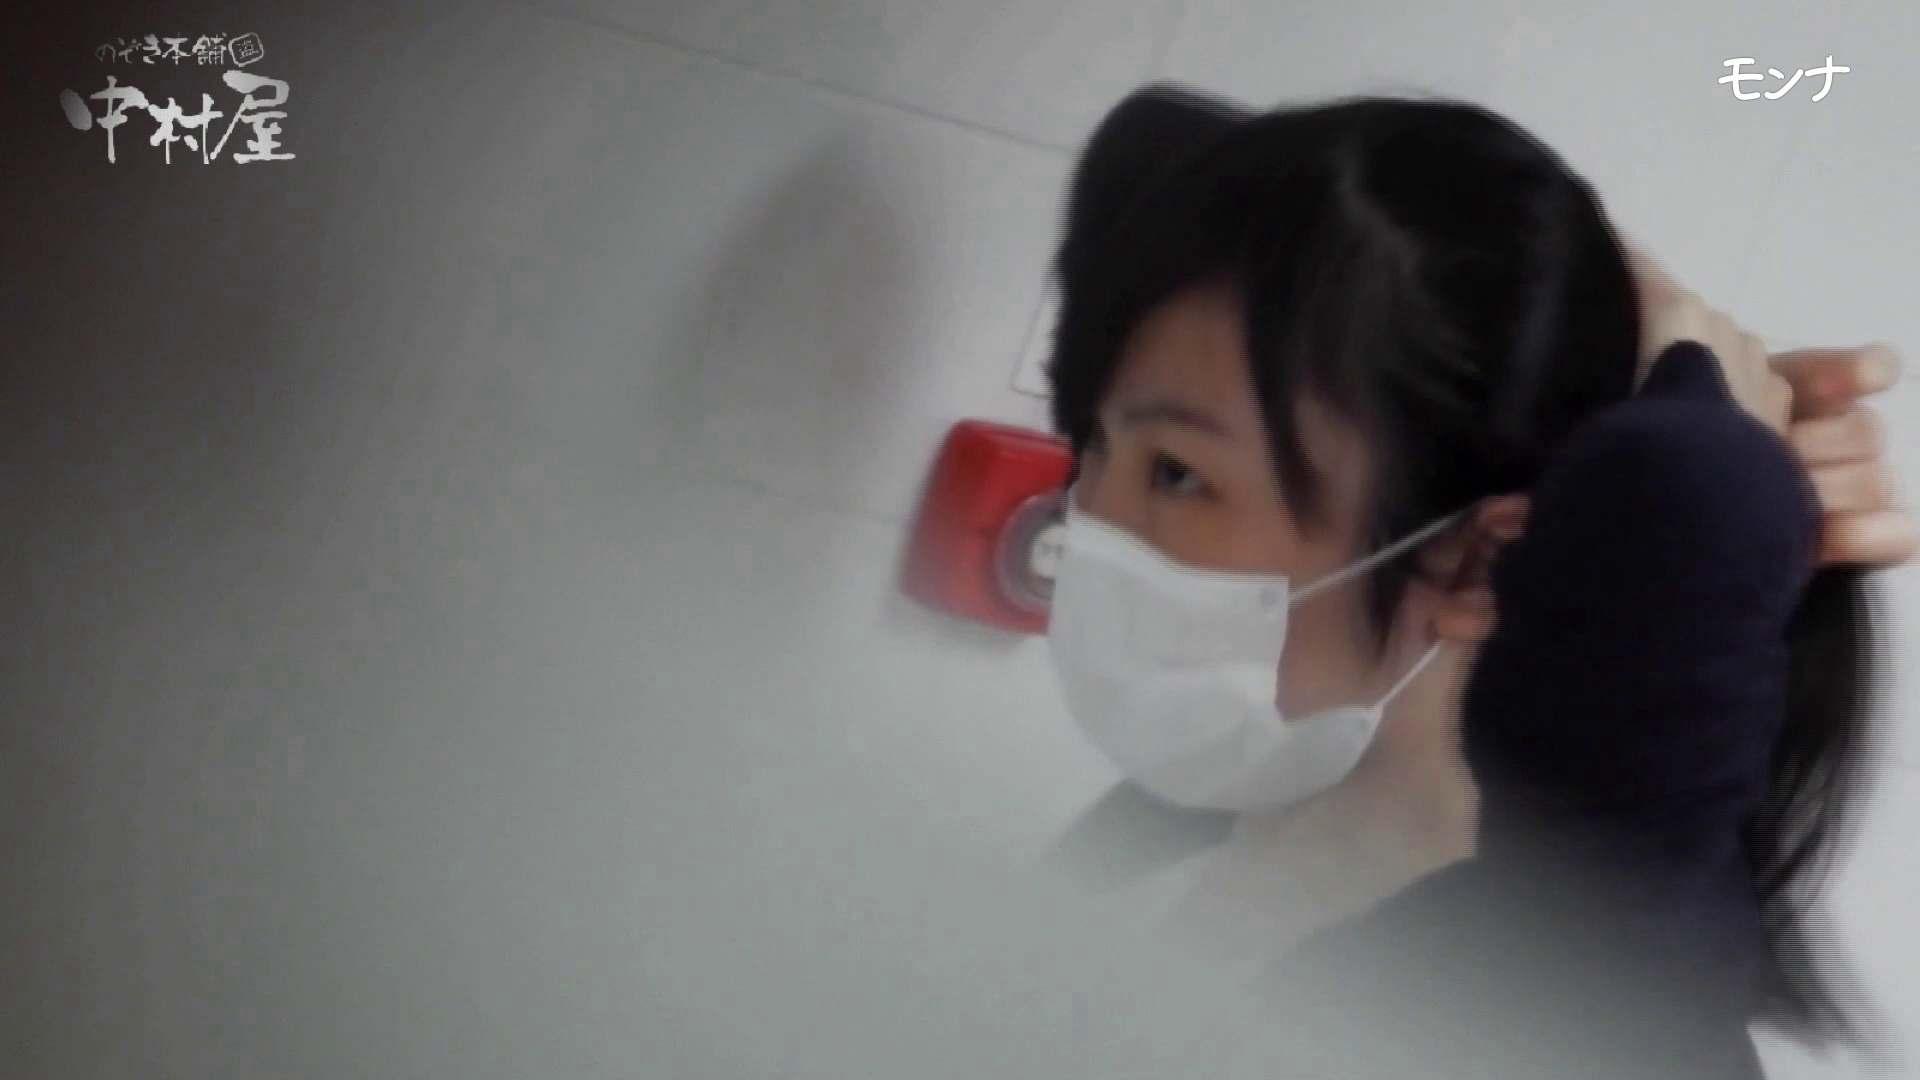 美しい日本の未来 No.47 冬Ver.進化 細い指でほじくりまくる!前編 女性トイレ   女子の厠  79pic 25